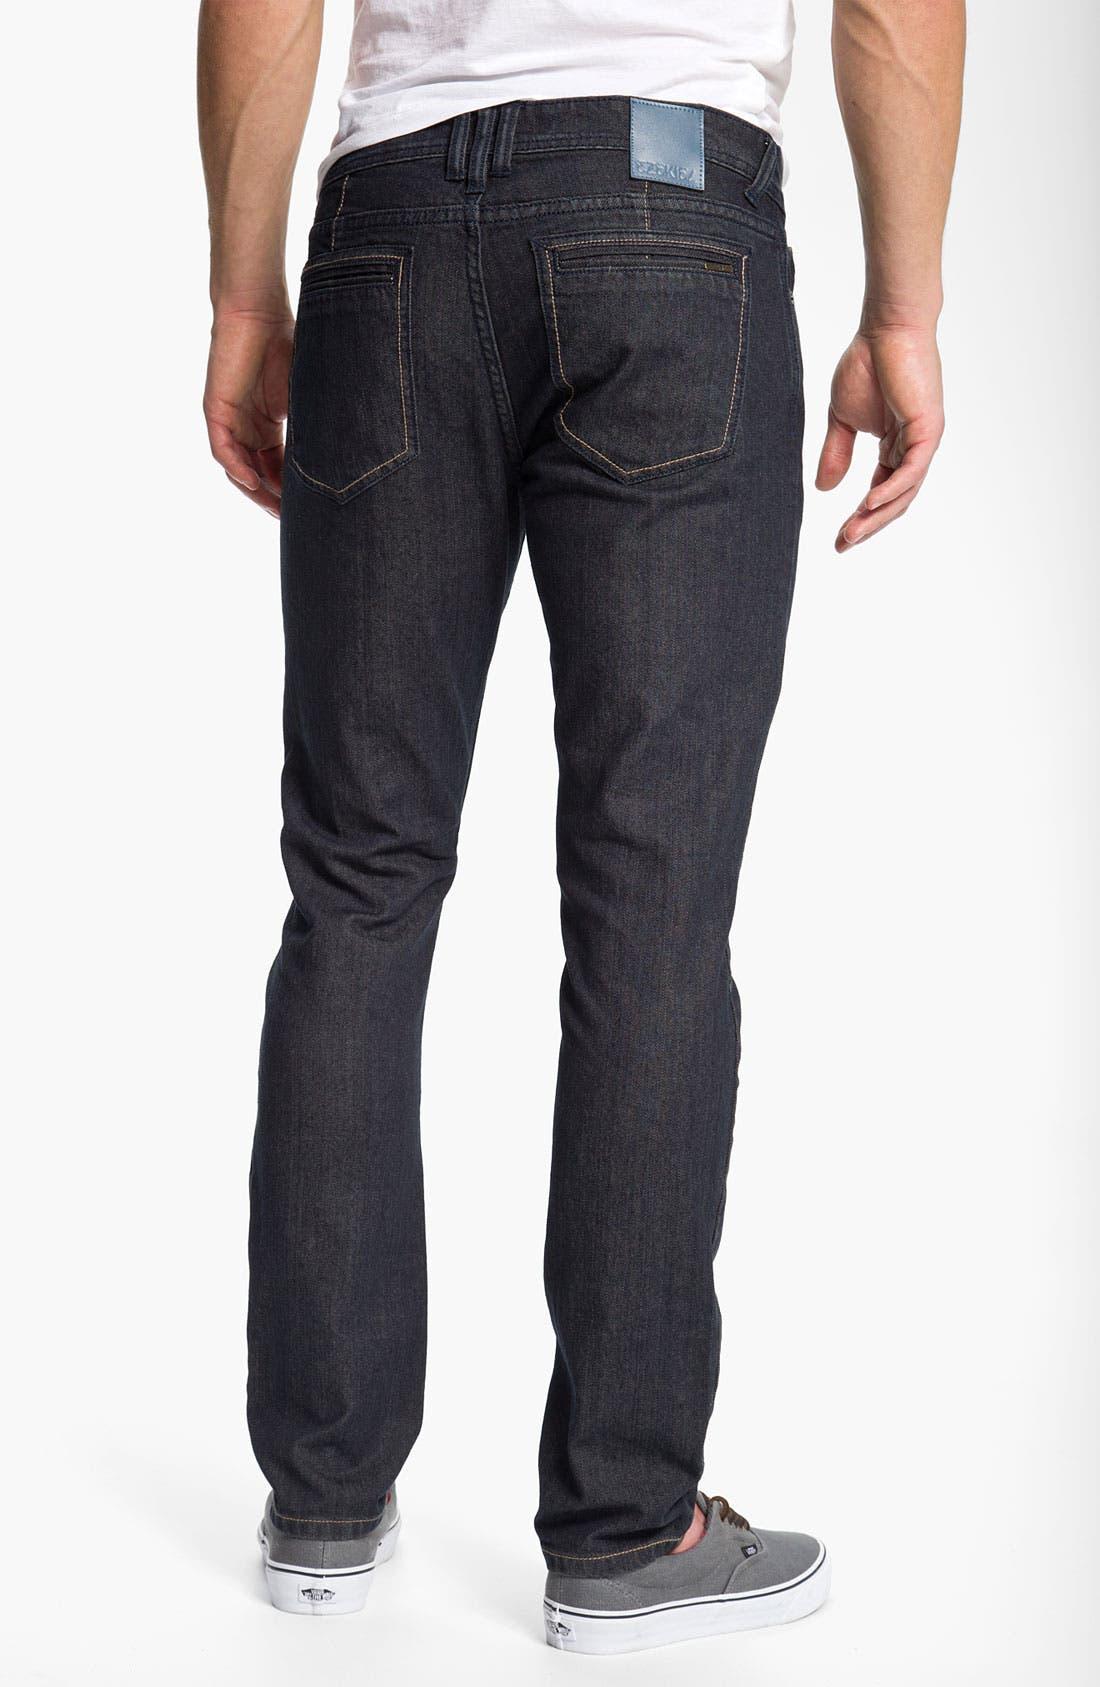 EZEKIEL 'Chopper 305' Slouchy Slim Fit Jeans, Main, color, 483